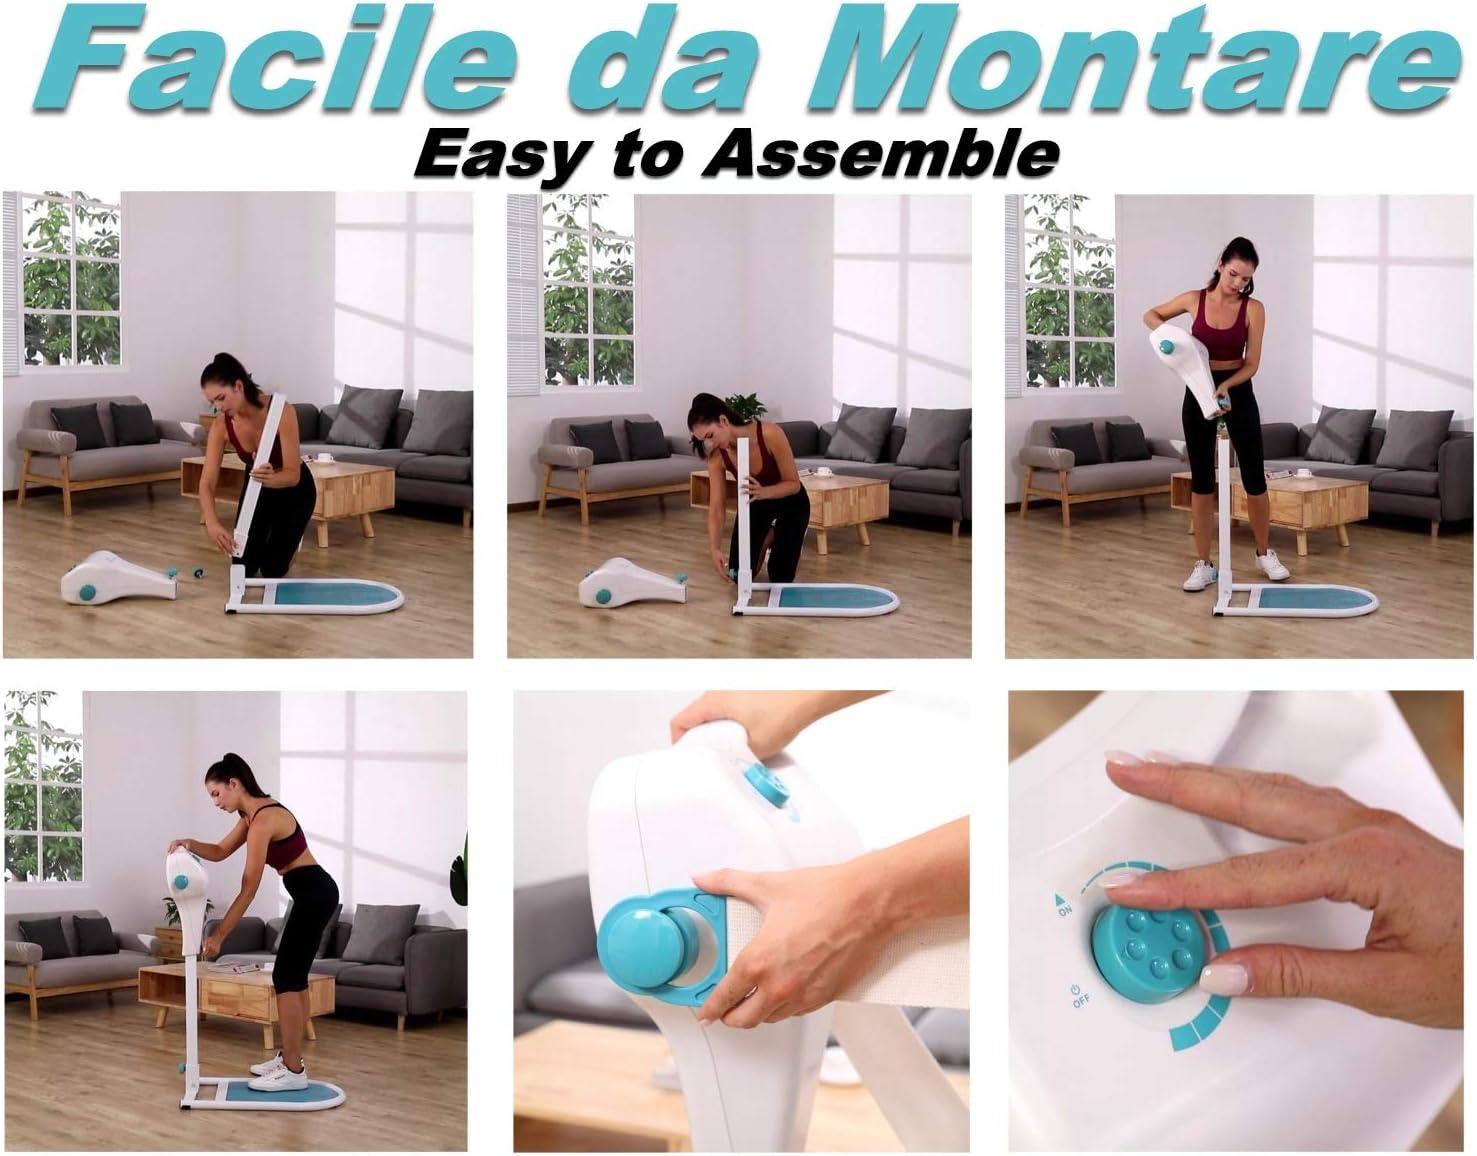 VibroMasajeador El Nuevo Variolux Super Dise/ño Italiano 2 Cinturones Anticelul/íticos innovadores 12 velocidades /¡Precio Especial!